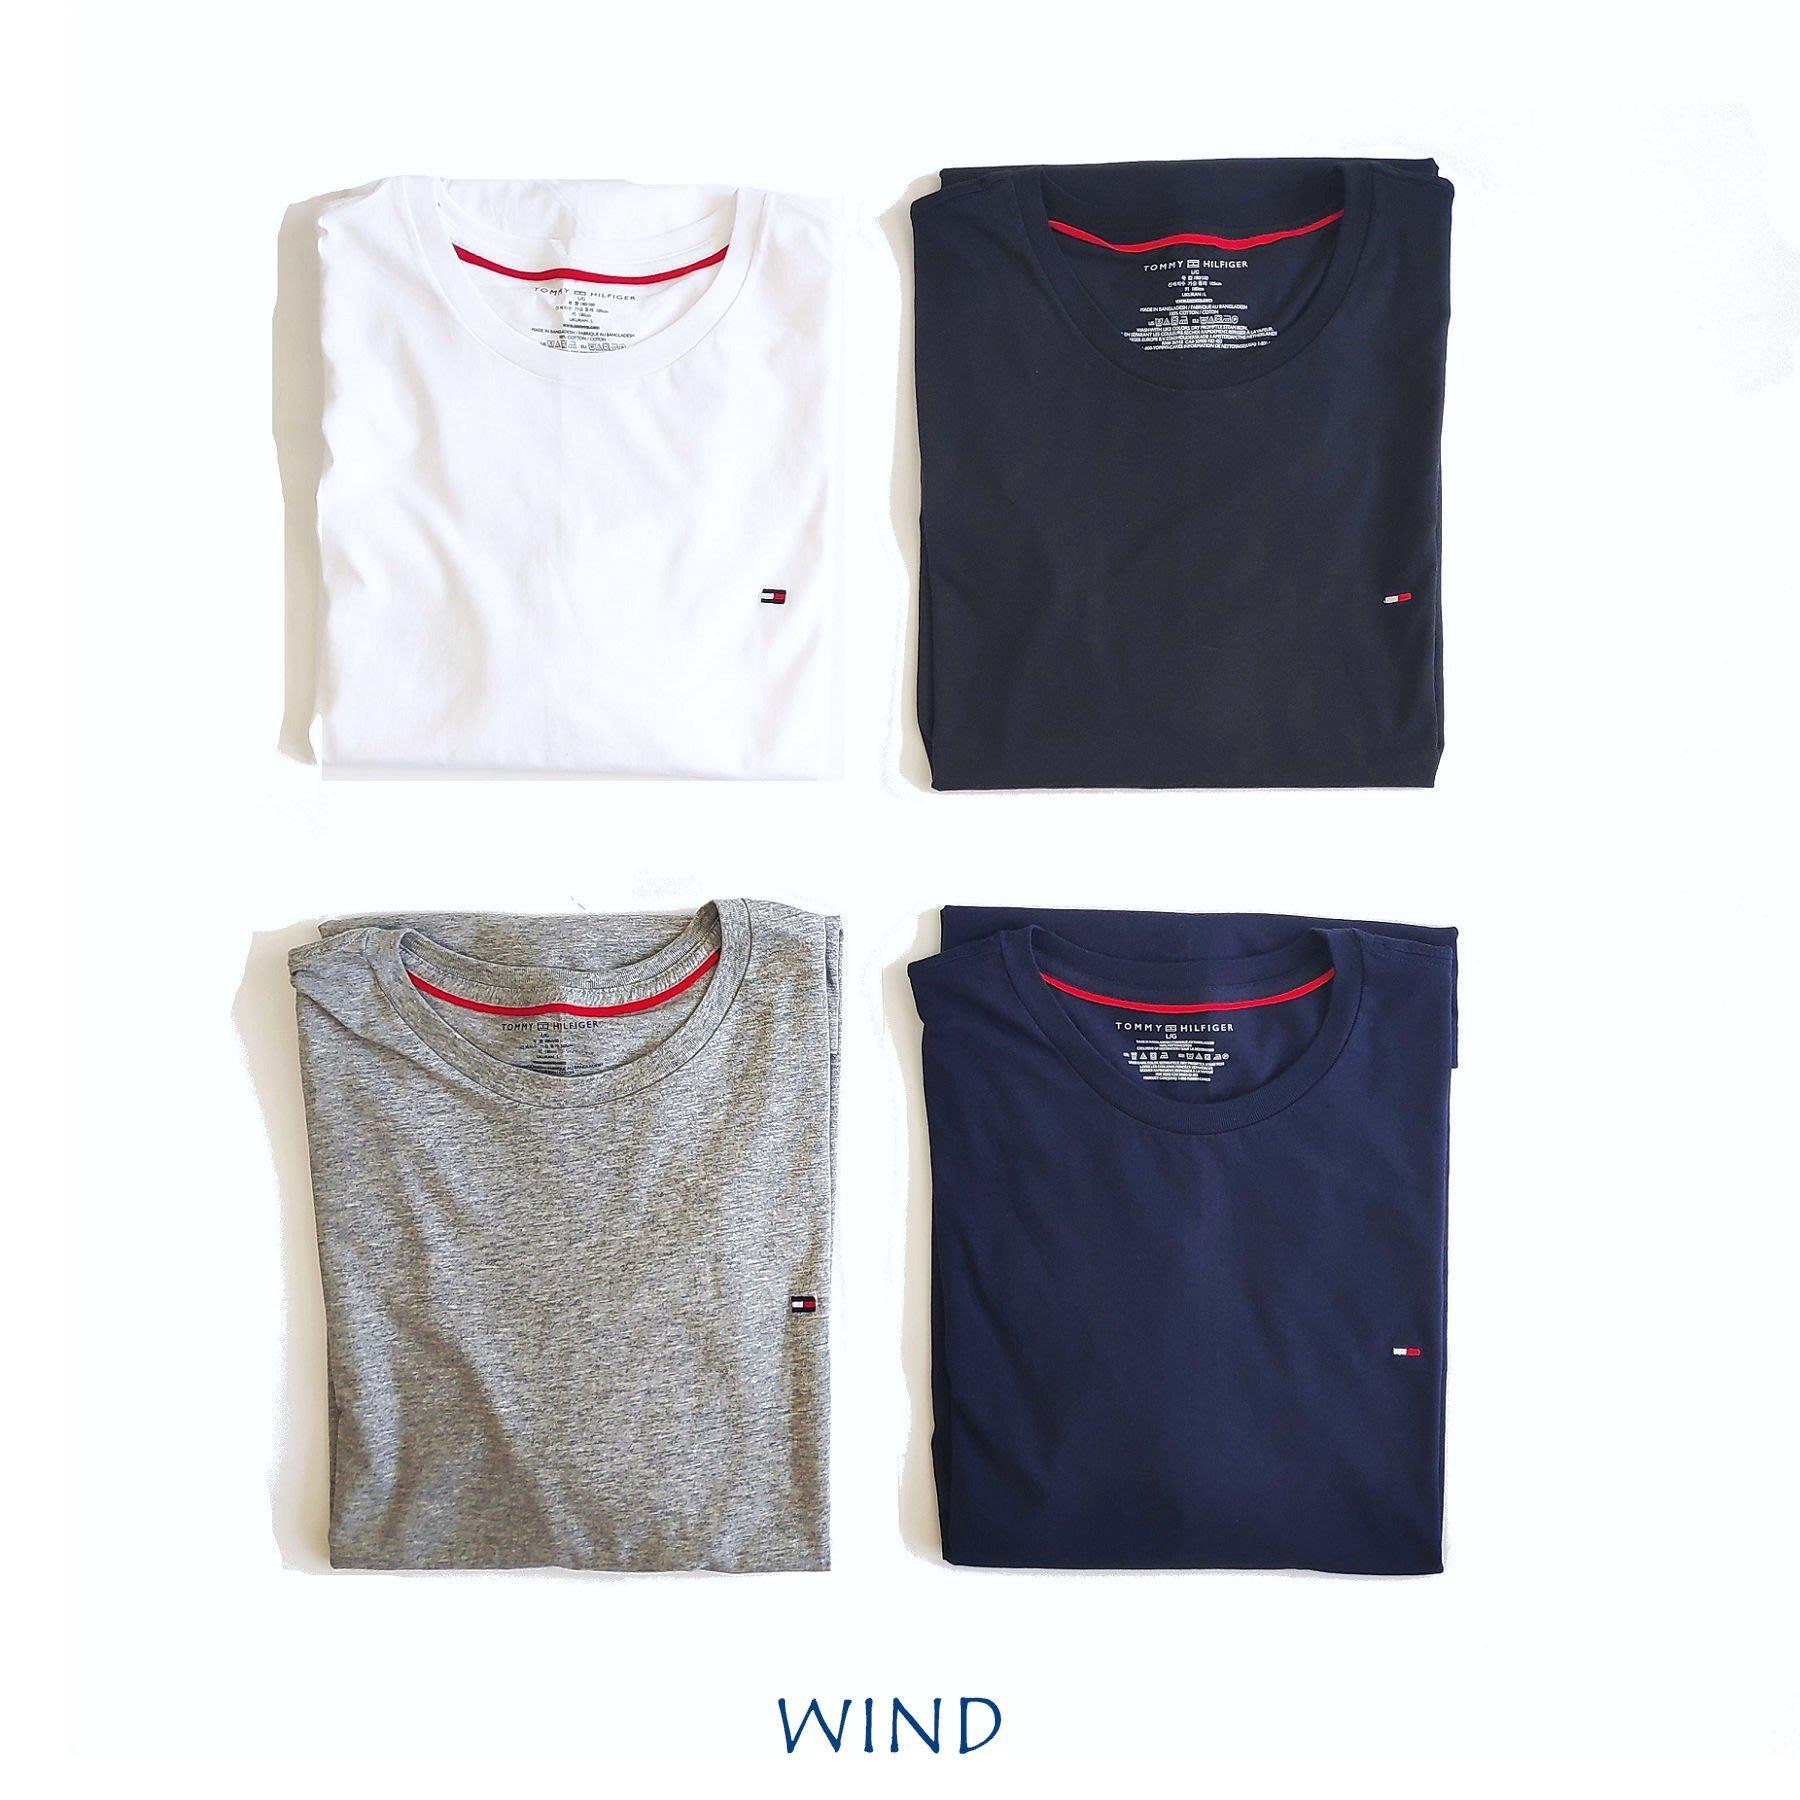 【Wind 】美國公司貨 Tommy hilfiger  四色  小LOGO  成人版  短T  現貨